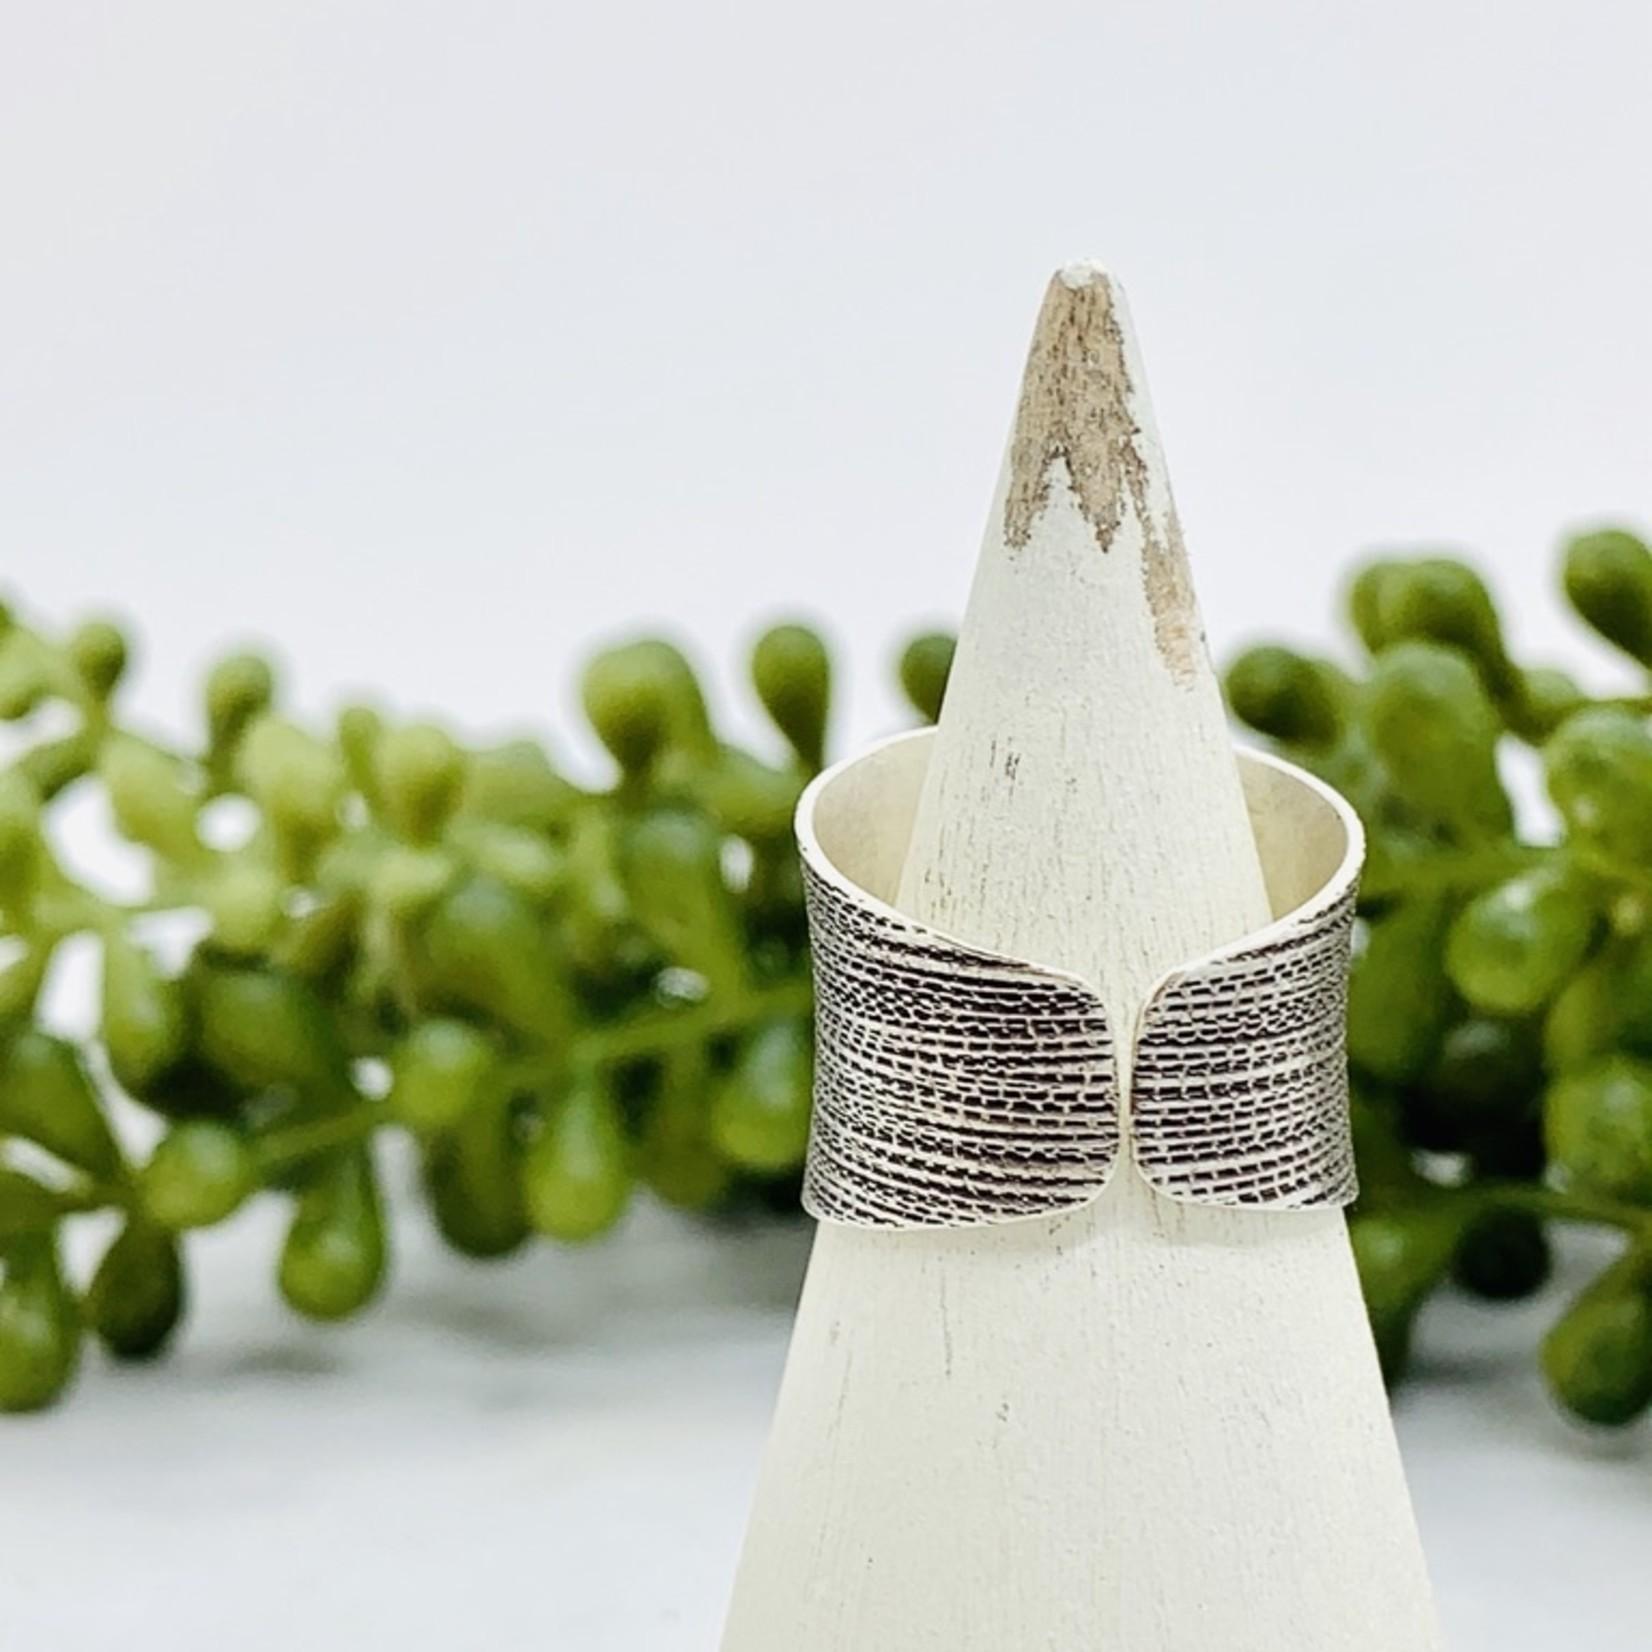 Anantara Silver Textured Banded Ring